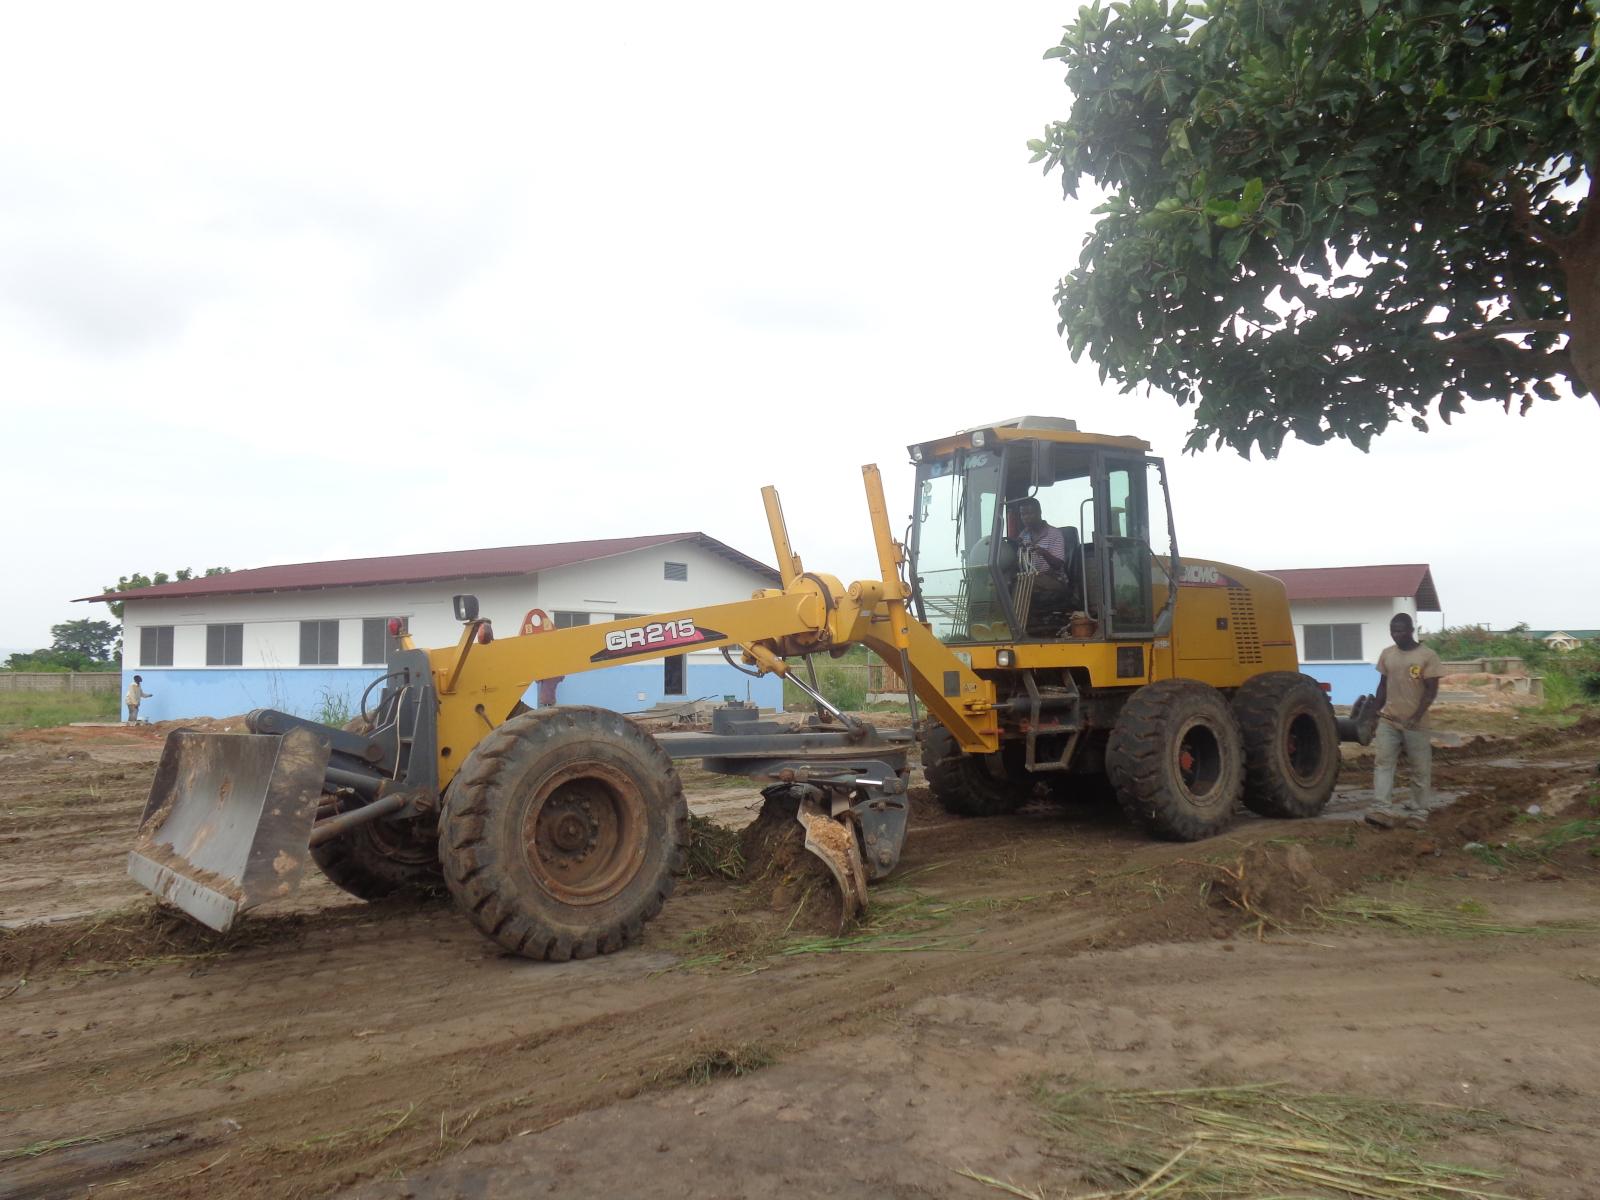 Erster Ausbau 2013 - Natürlich wurden dabei schwere Maschinen genutztz